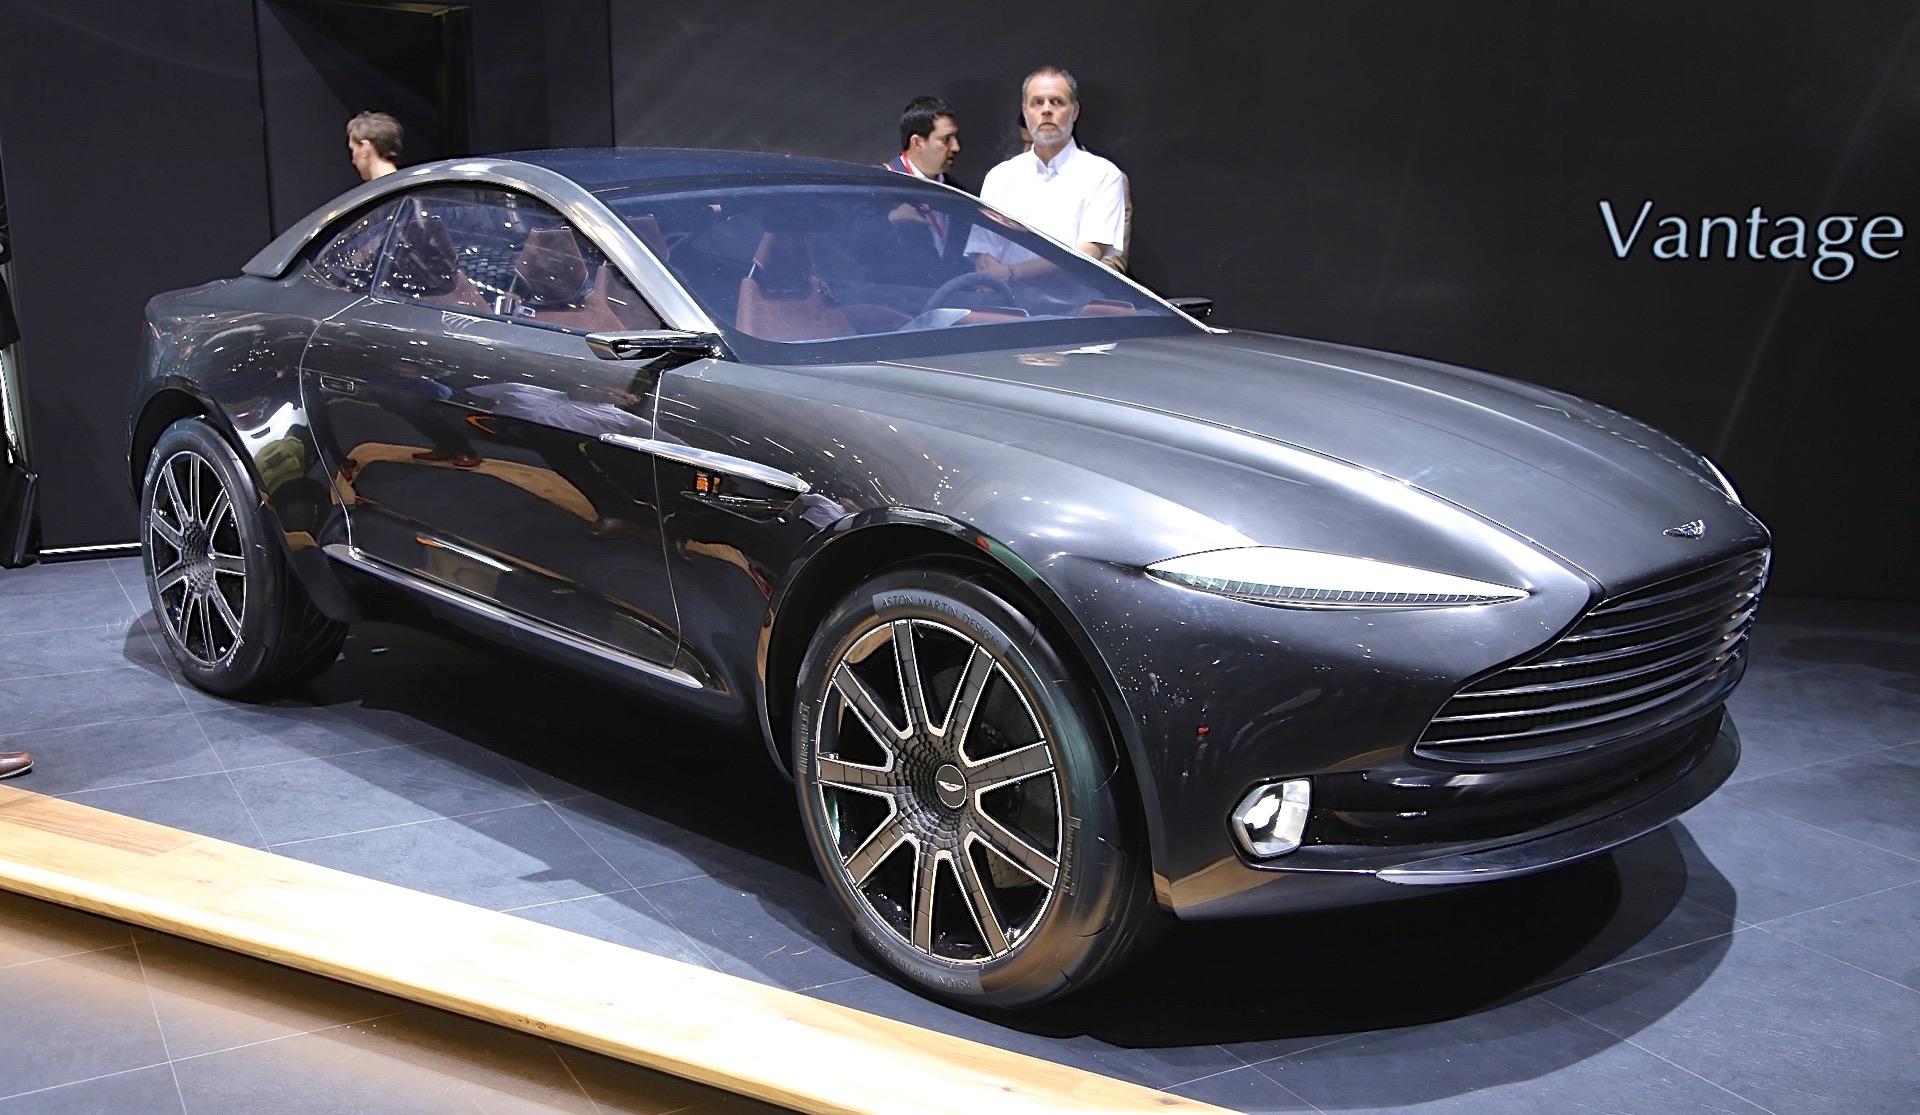 Aston Martin DBX SUV Concept: Design, Specs >> All Electric Aston Martin Dbx Crossover Concept Geneva Surprise